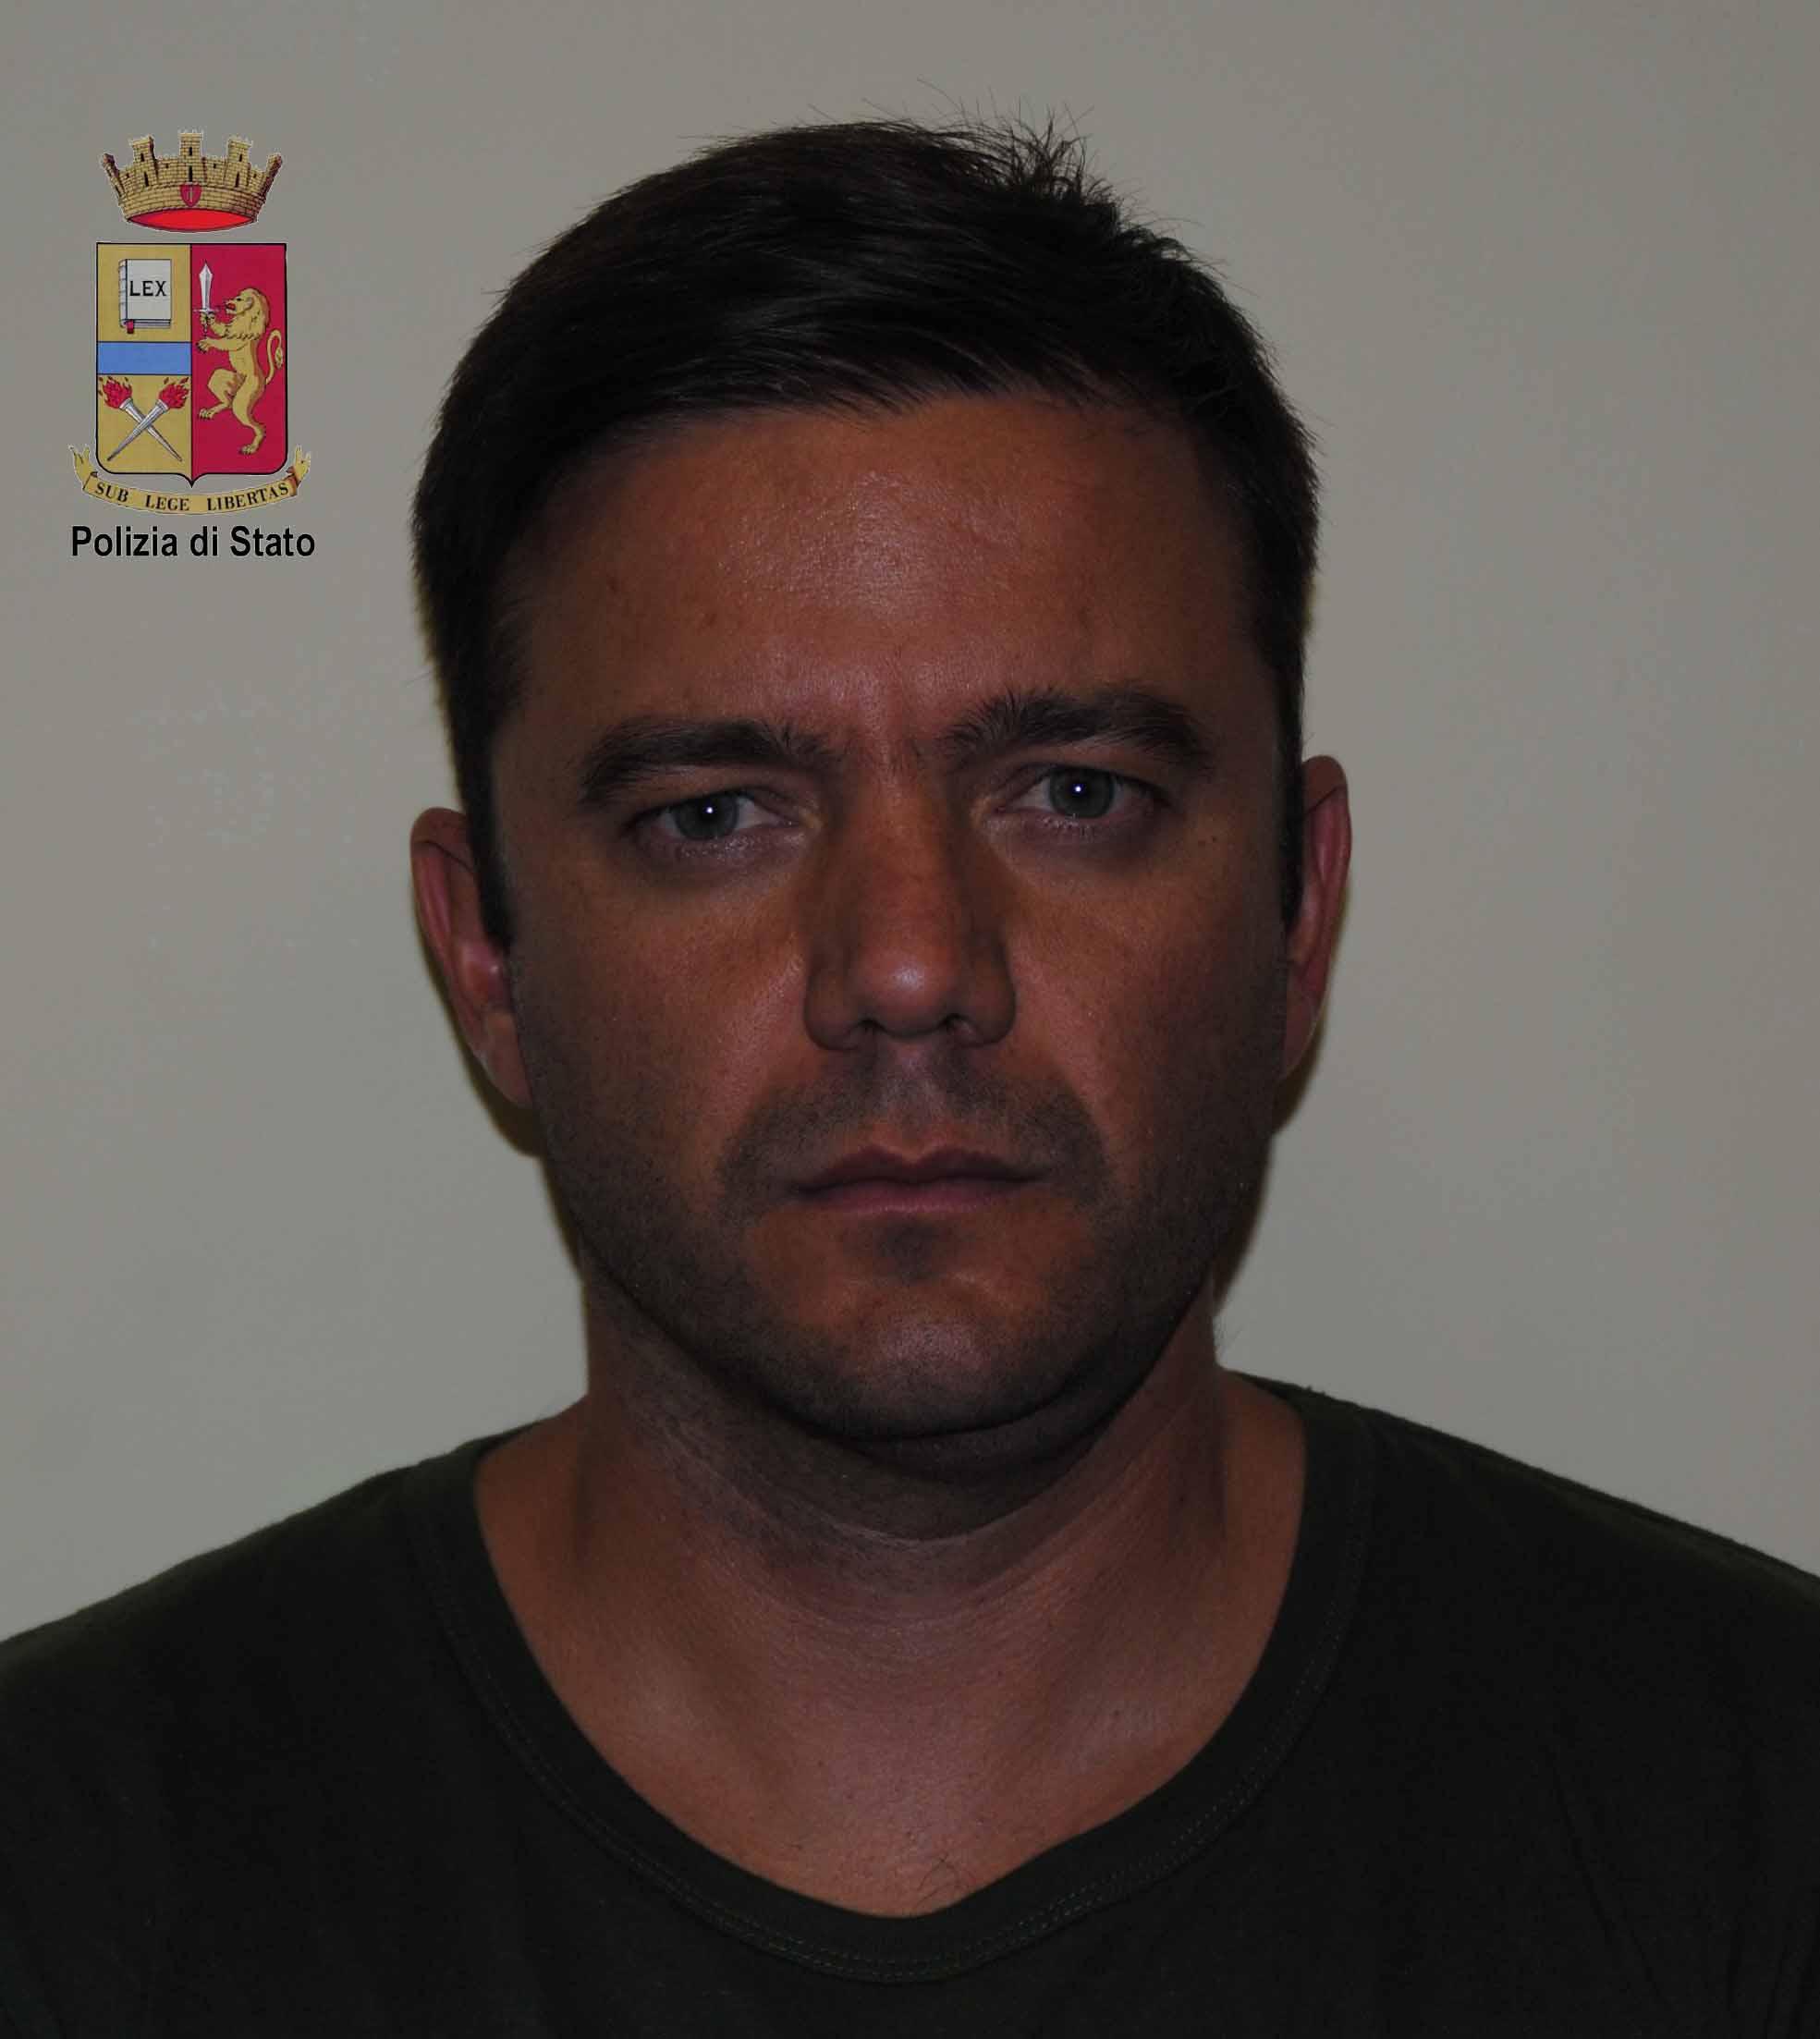 Clonava tessere bancomat, bulgaro arrestato dalla polizia. Caccia ai complici